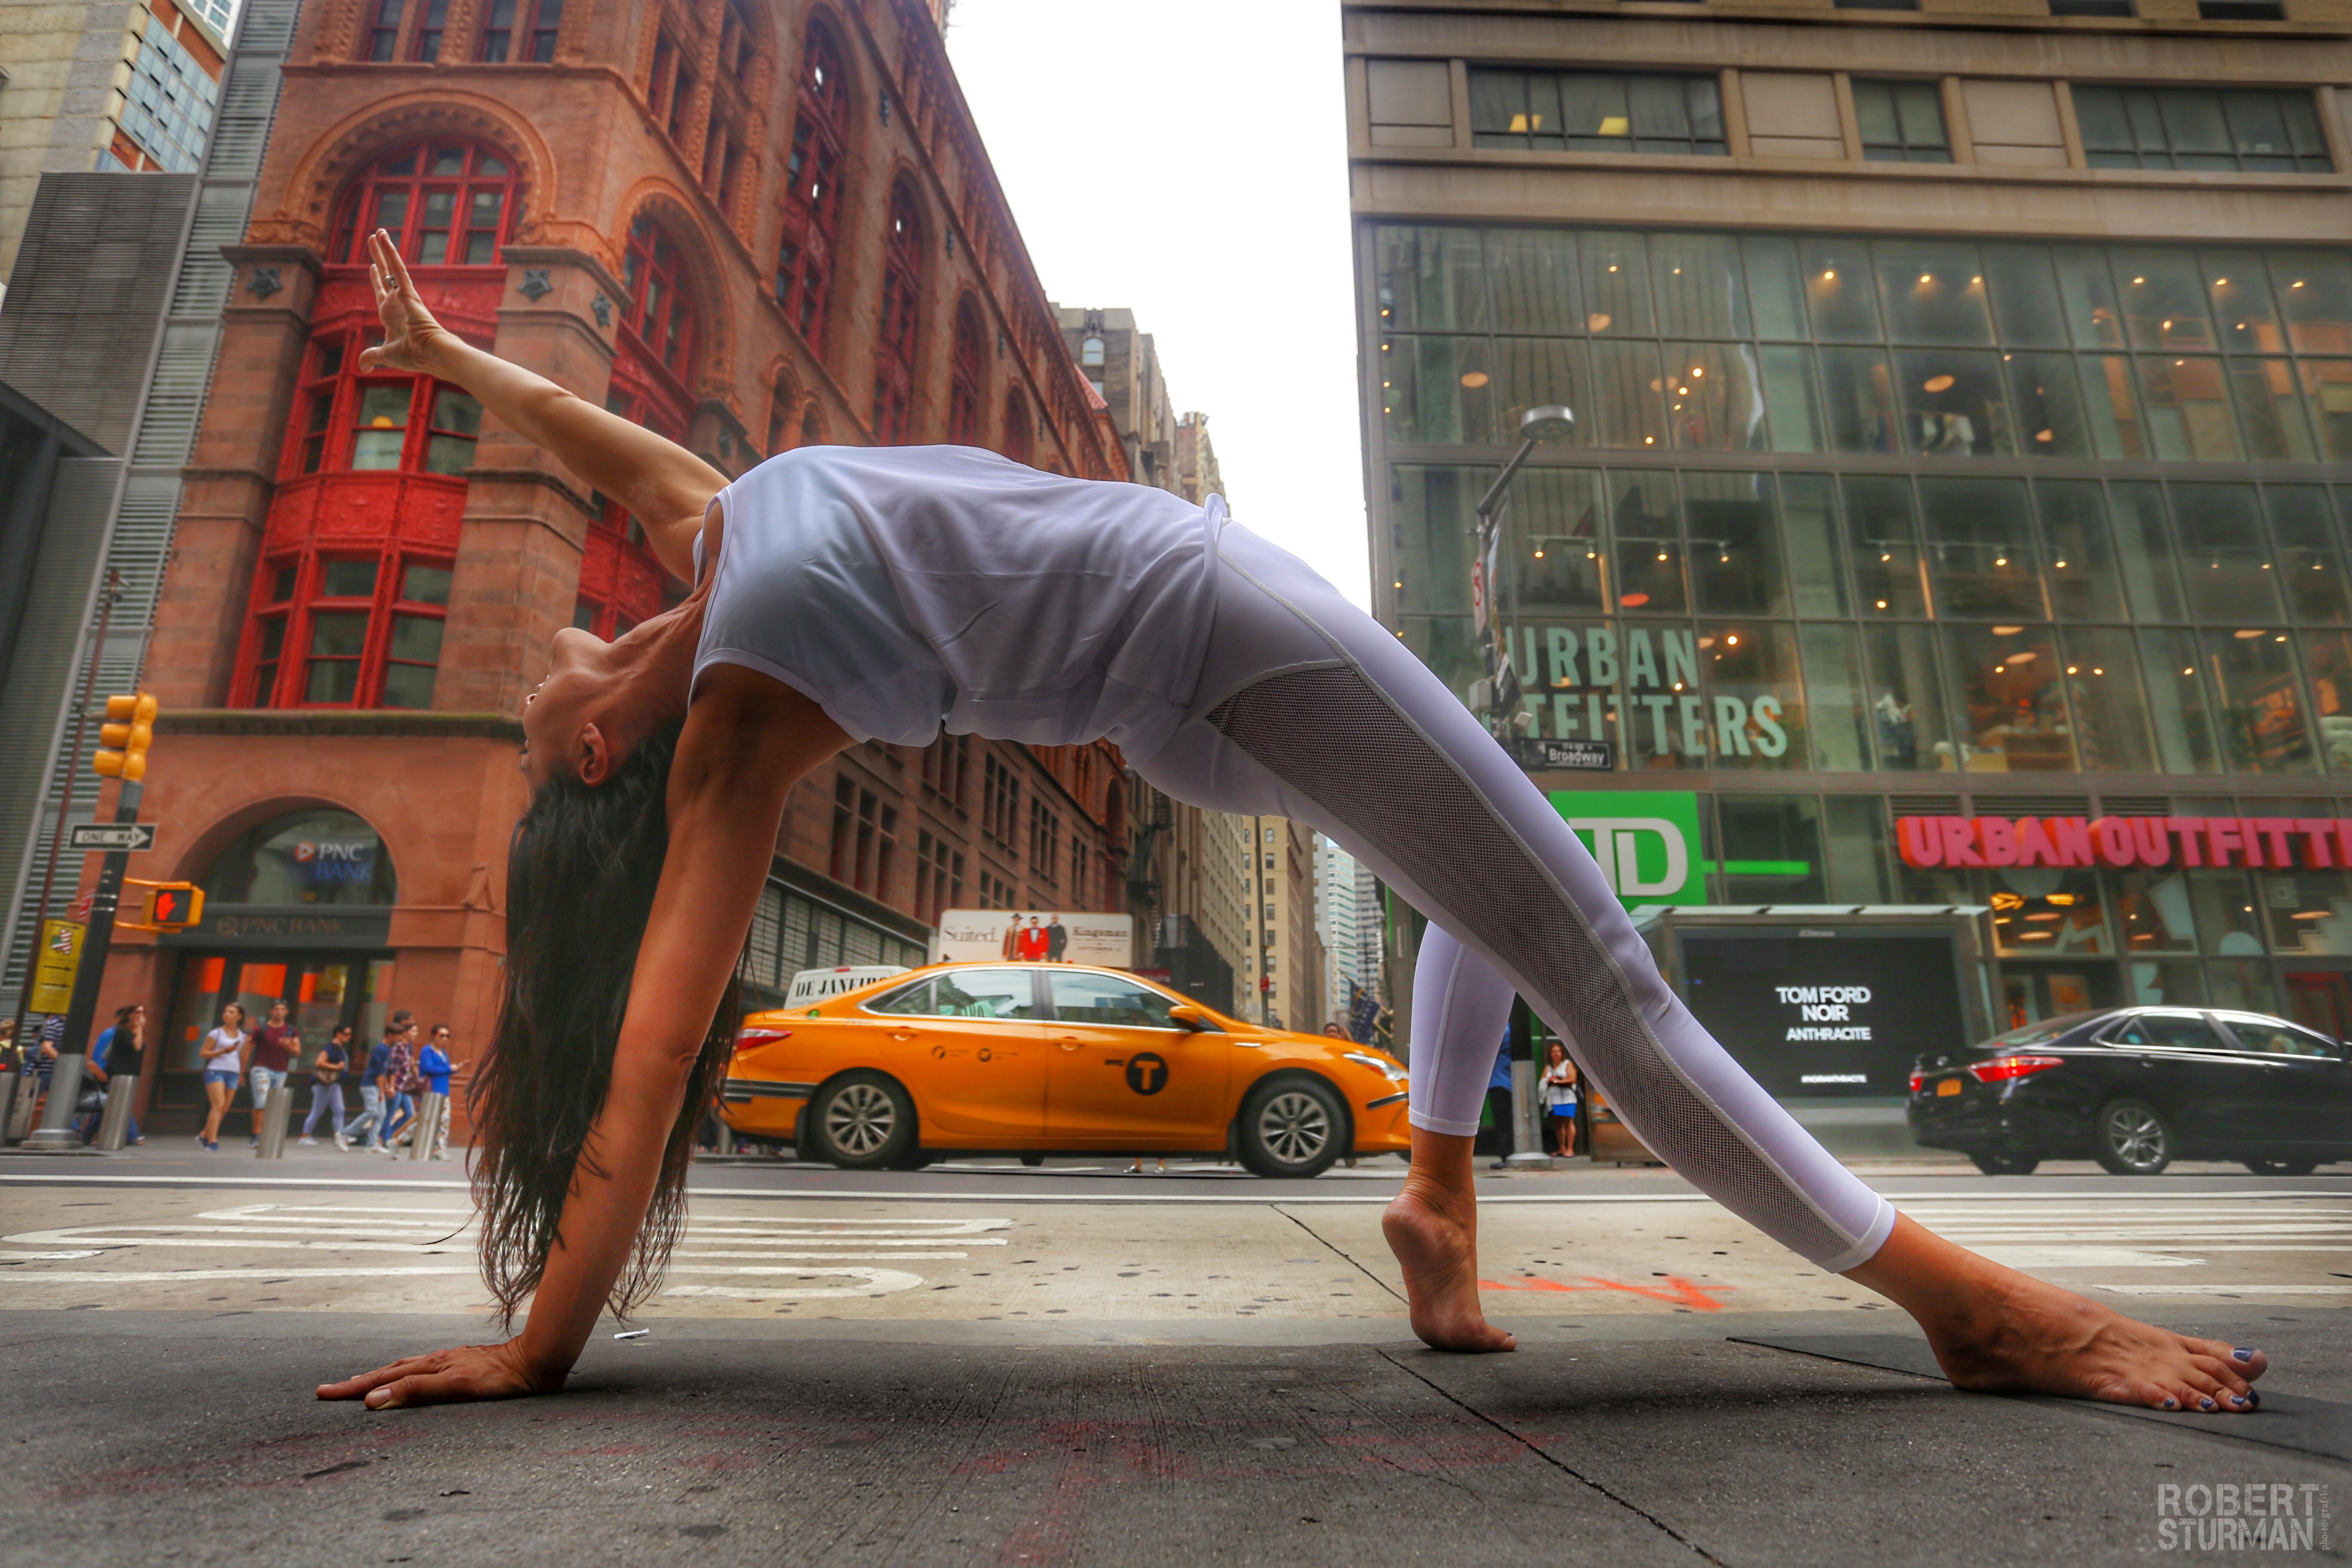 Friday 9:15am - Real Hot Yoga